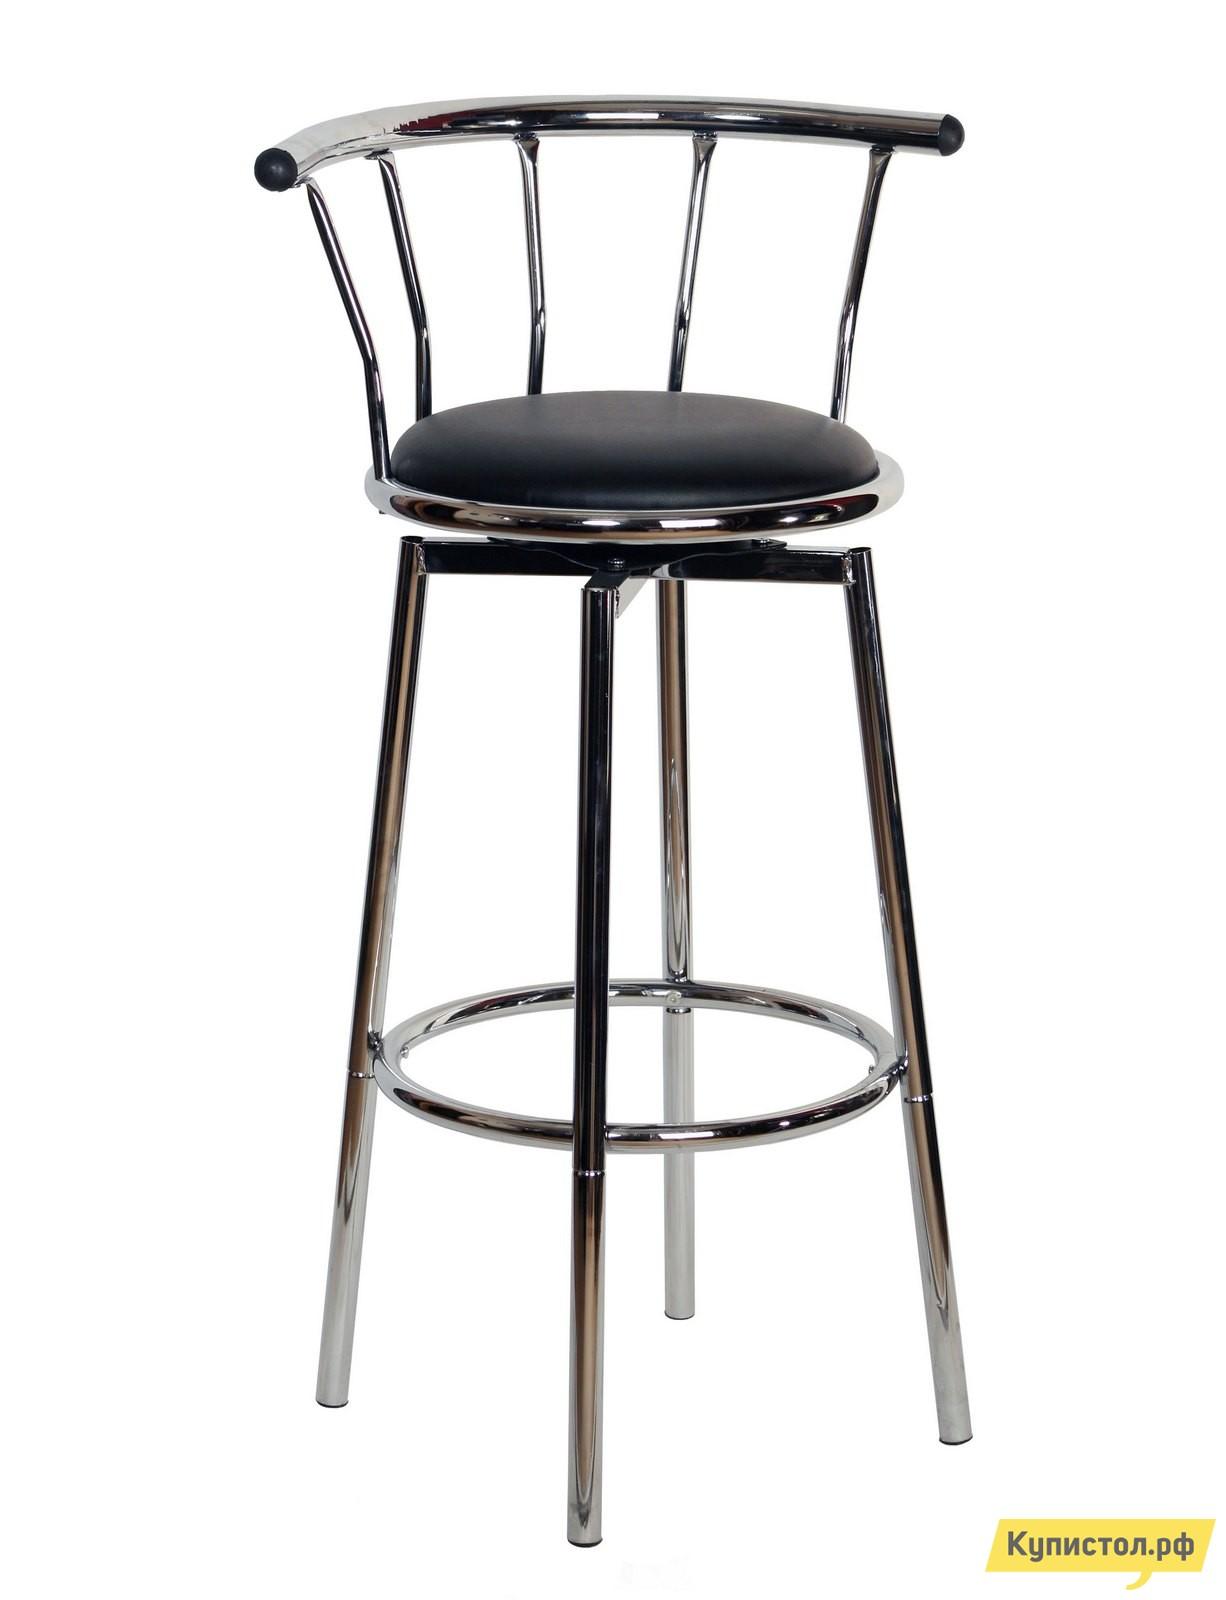 Барный стул STOOL GROUP Джин Хром Черный / Хром